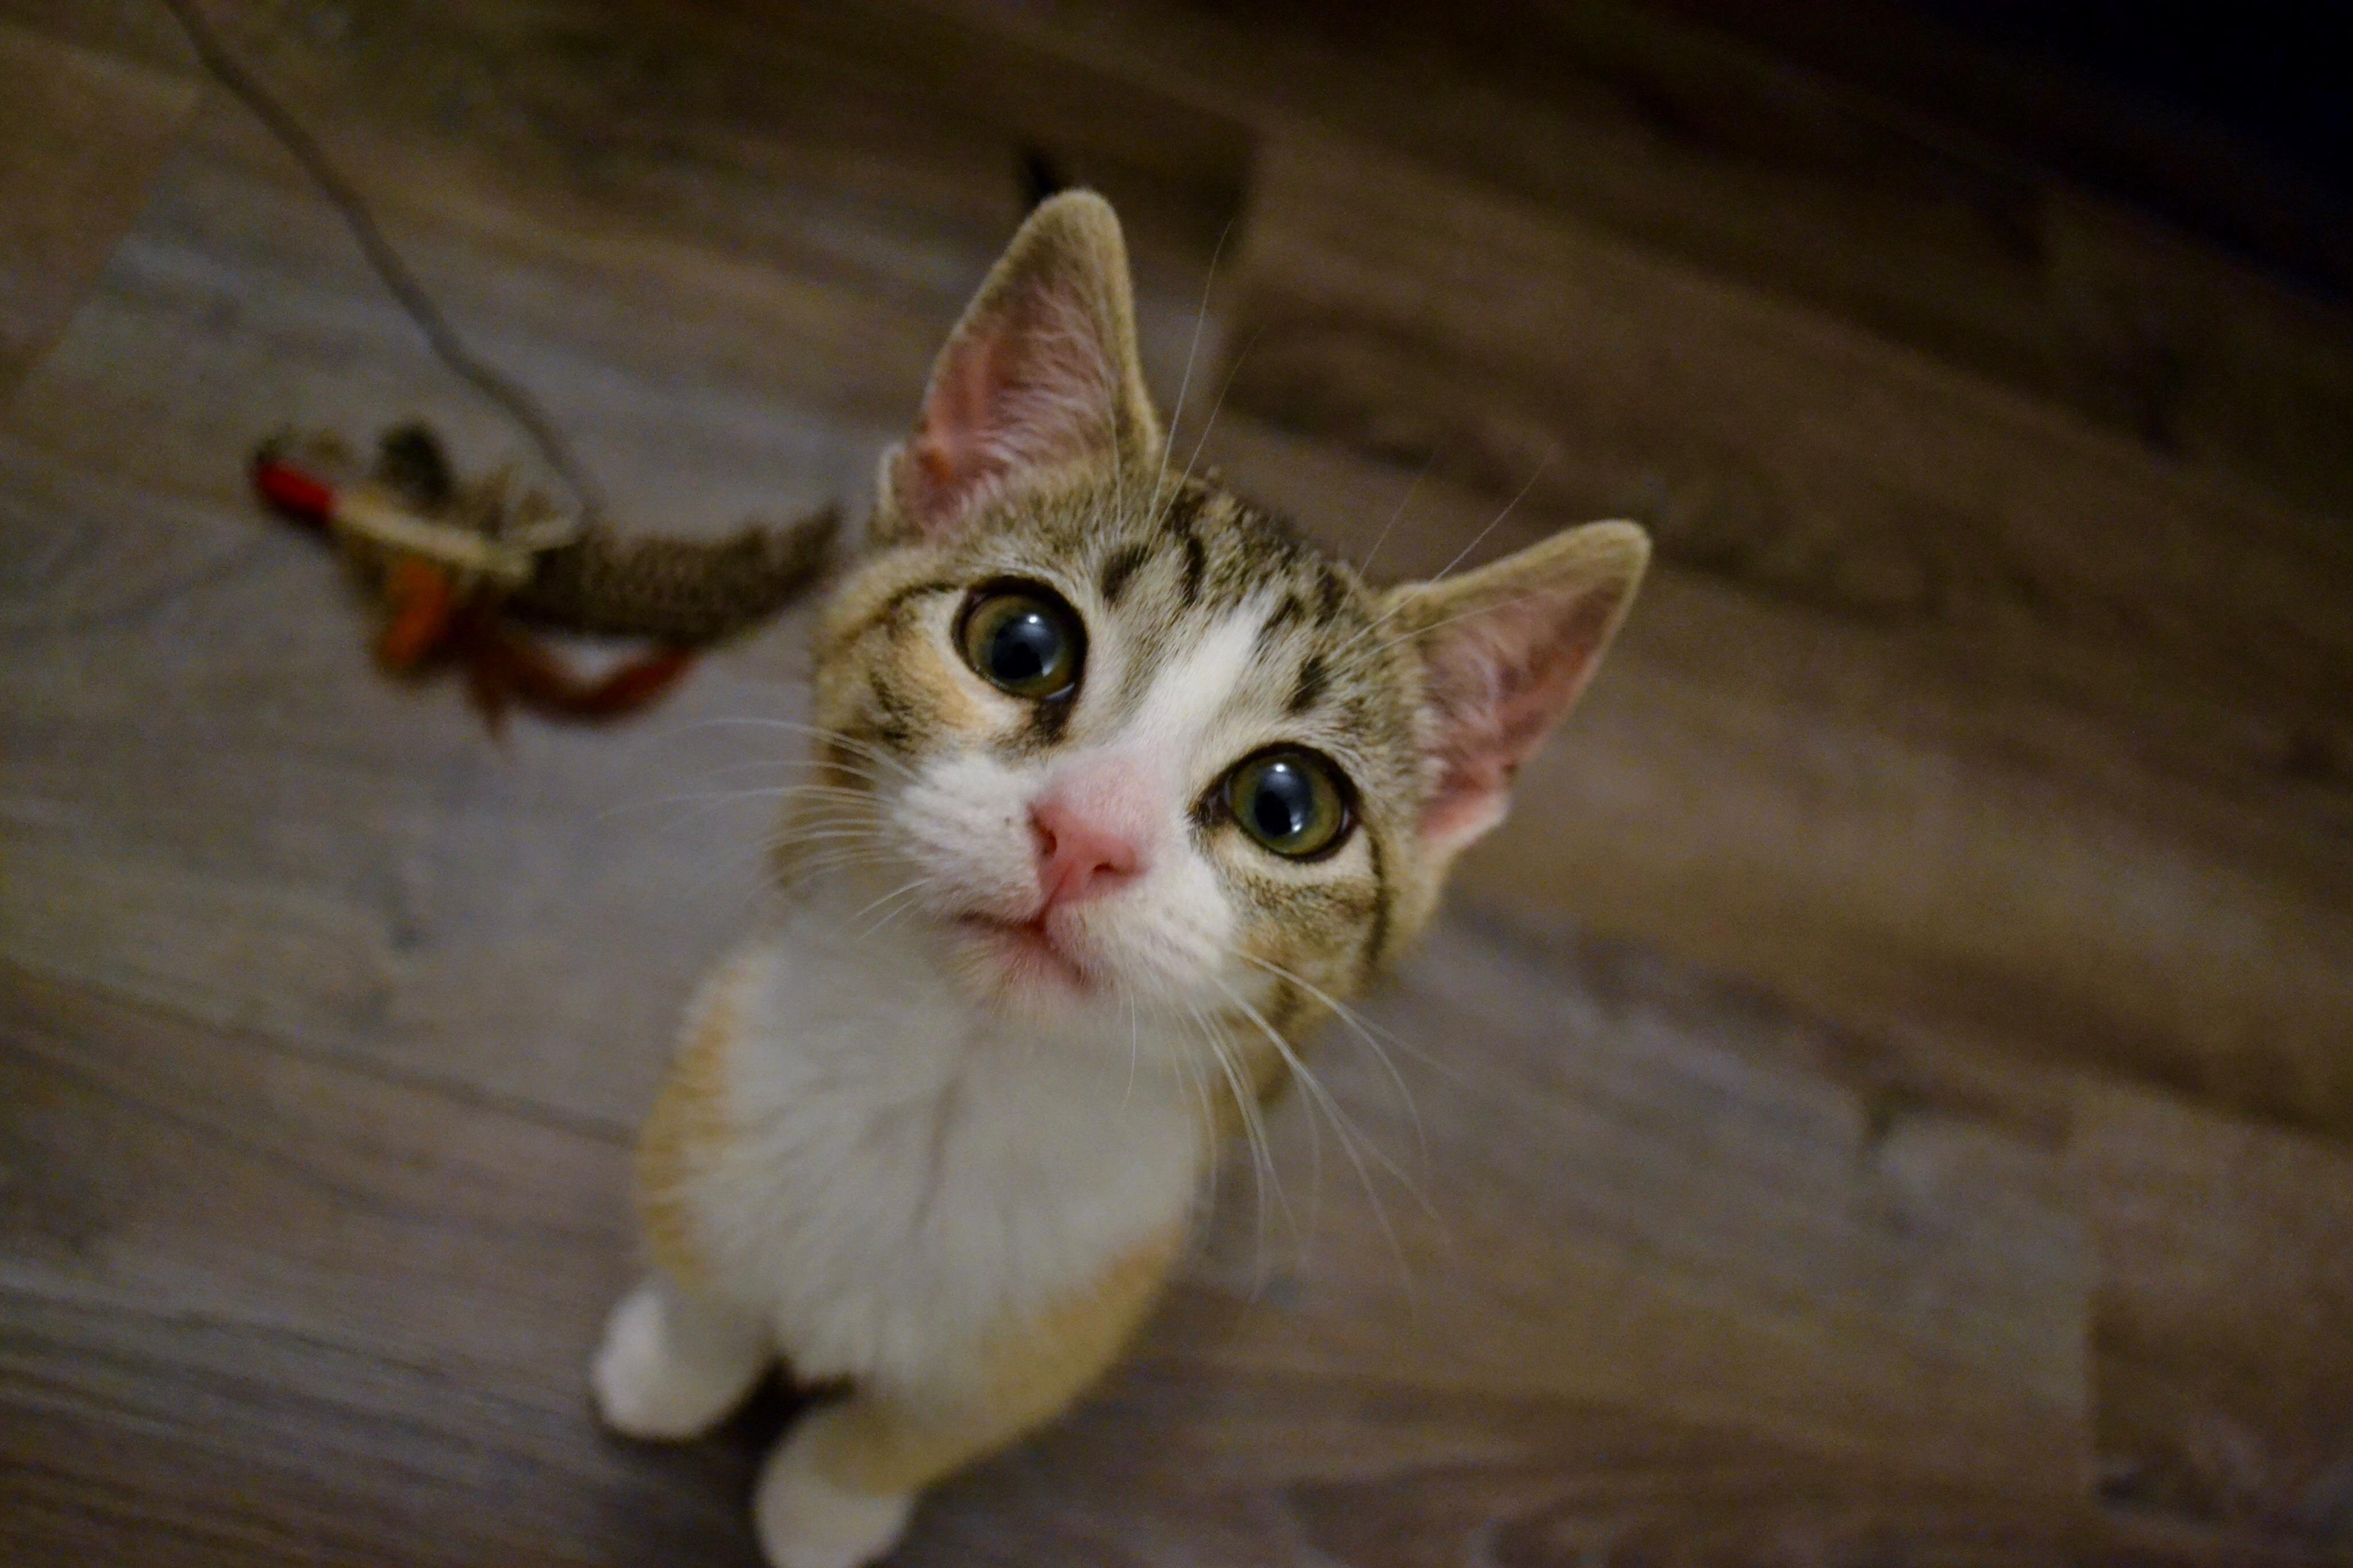 Meet my new kitten chutney